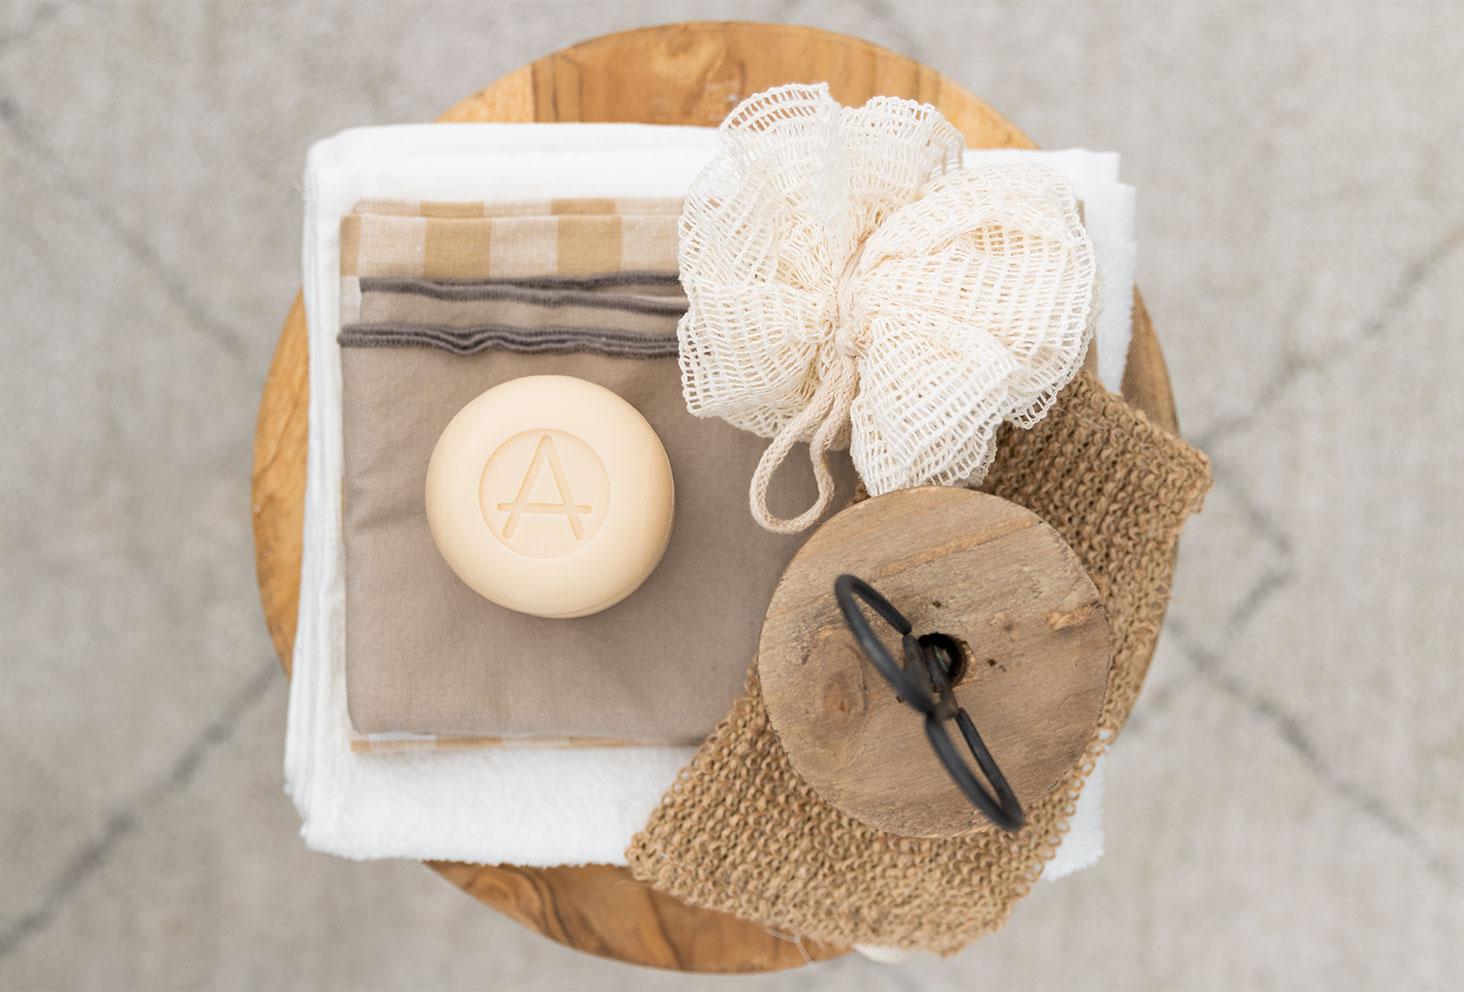 Le savon à l'amande et au lait de chèvre de la marque Soin Amalthée sur un tabouret en bois dans une ambiance de salle de bain